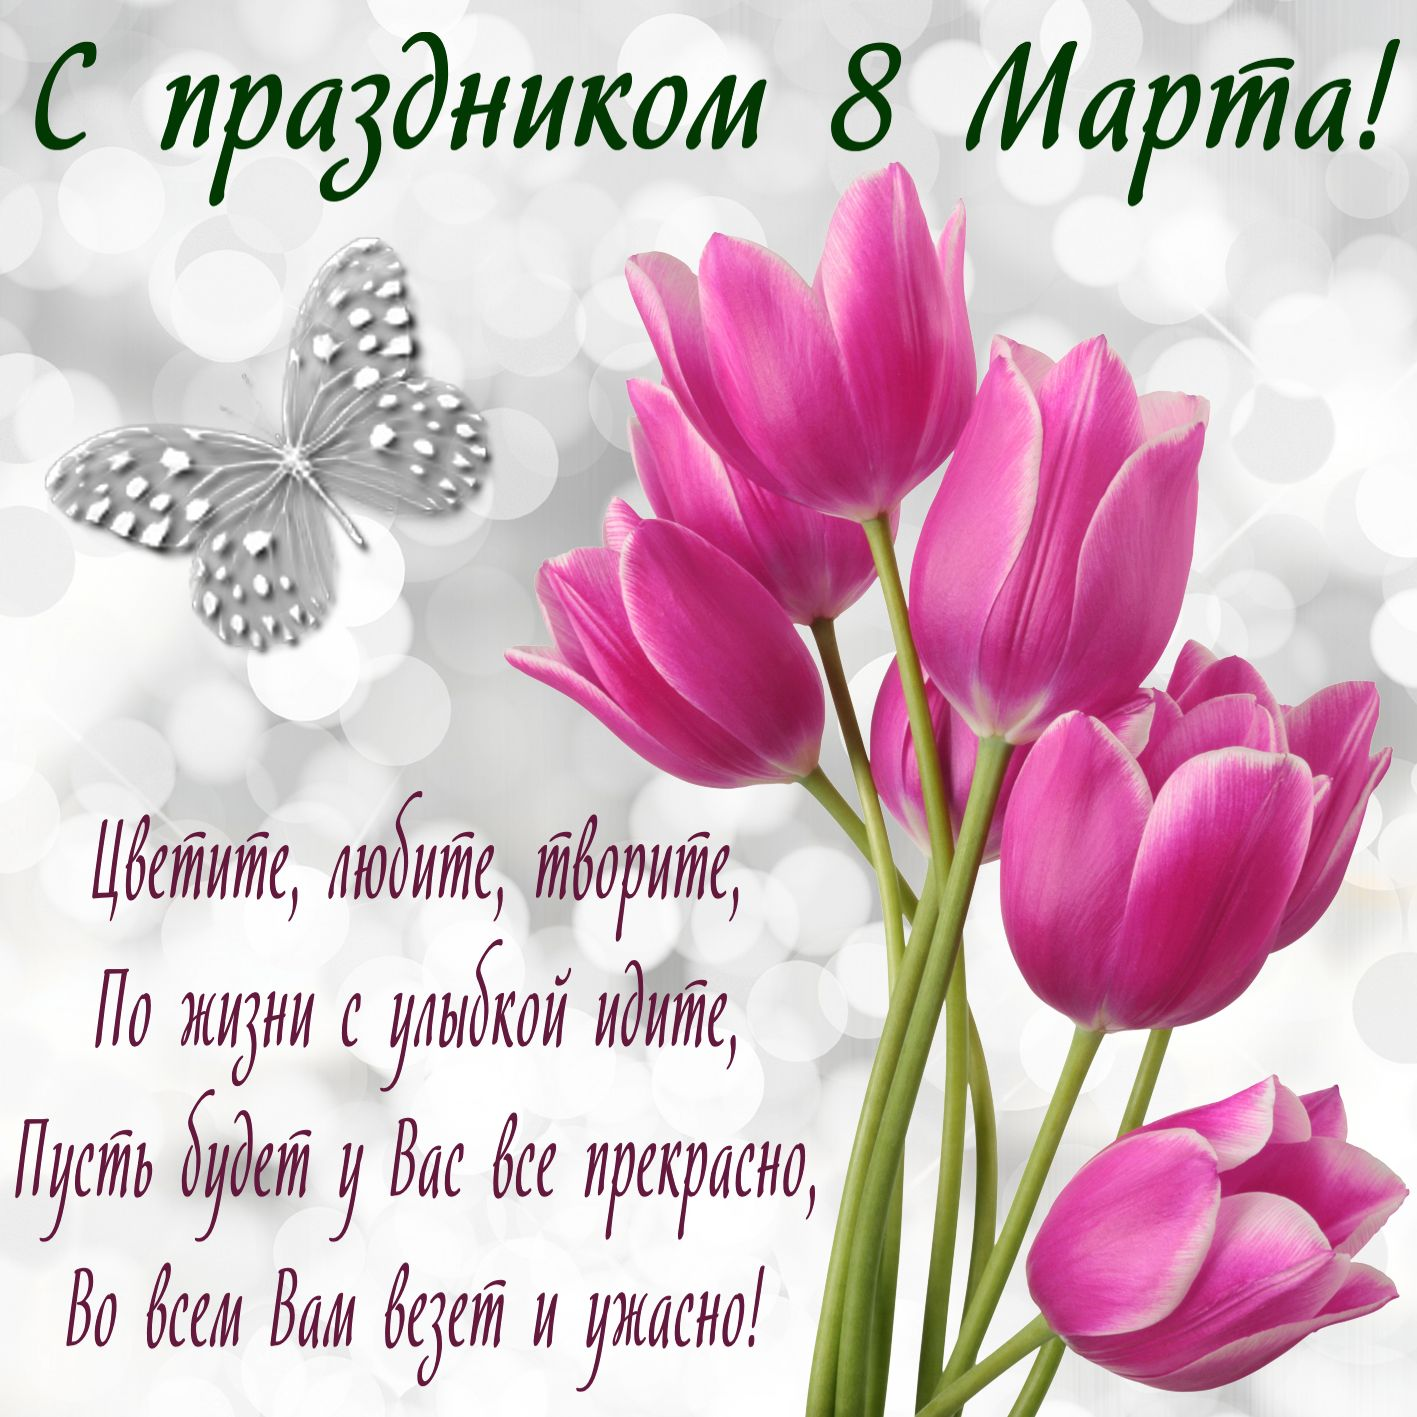 Новые открытки с поздравления 8 марта, открытка вместе картинки